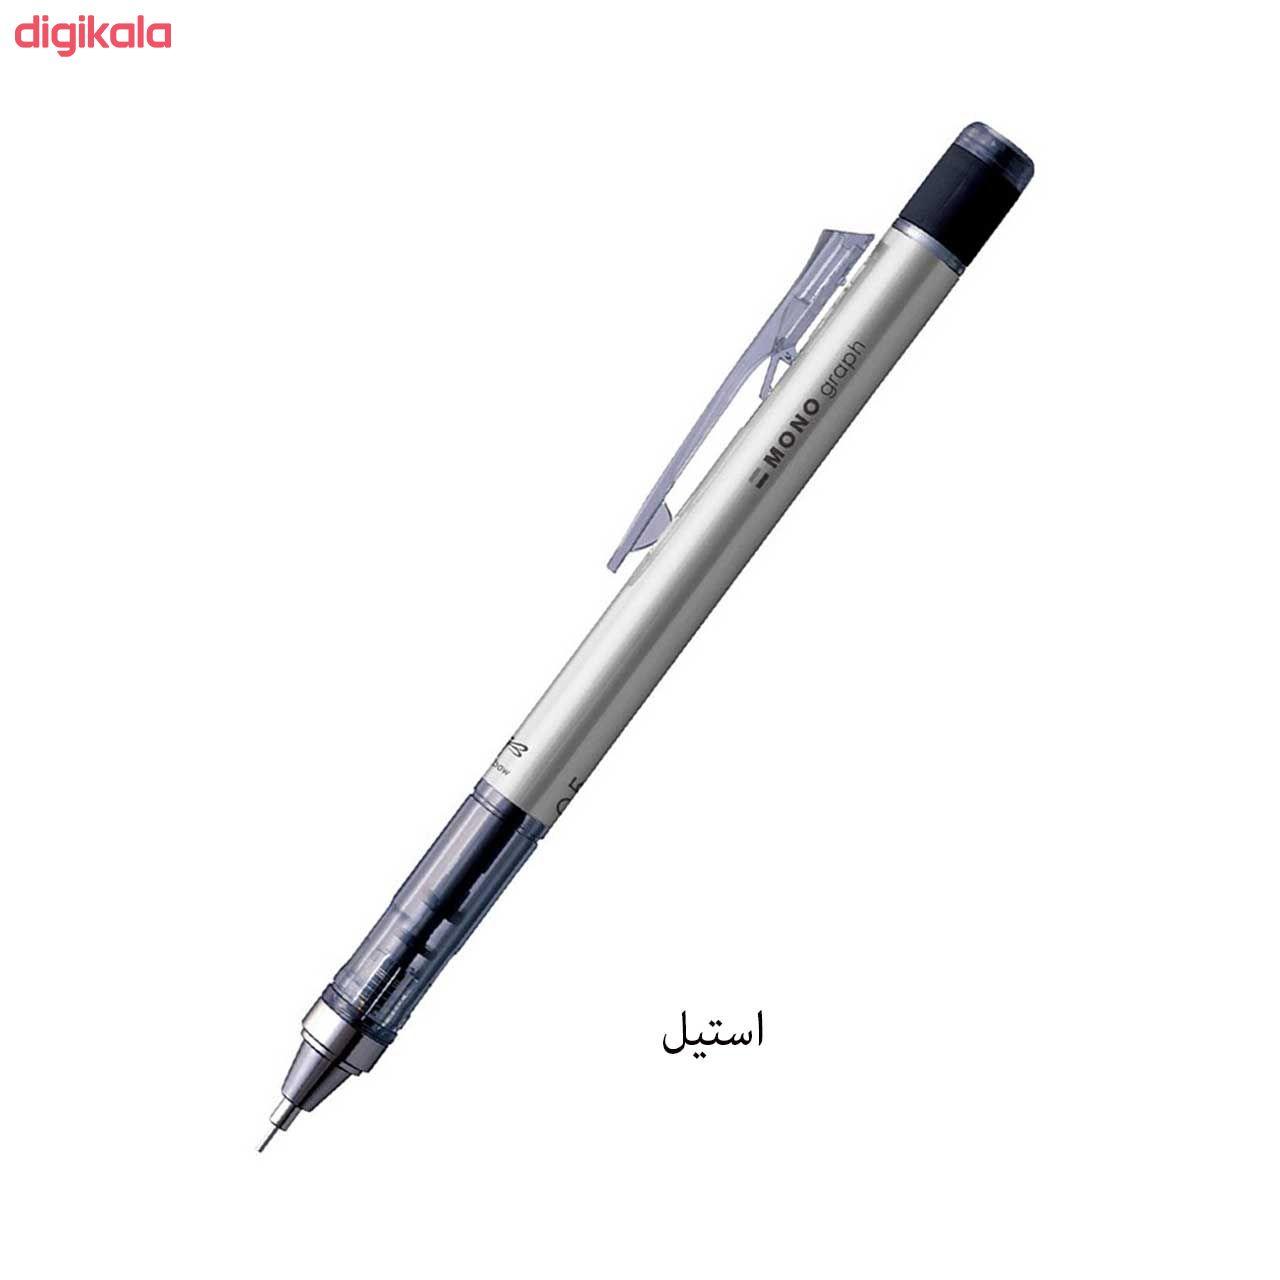 مداد نوکی 0.5 میلی متری تومبو مدل MONO GRAPPH main 1 2